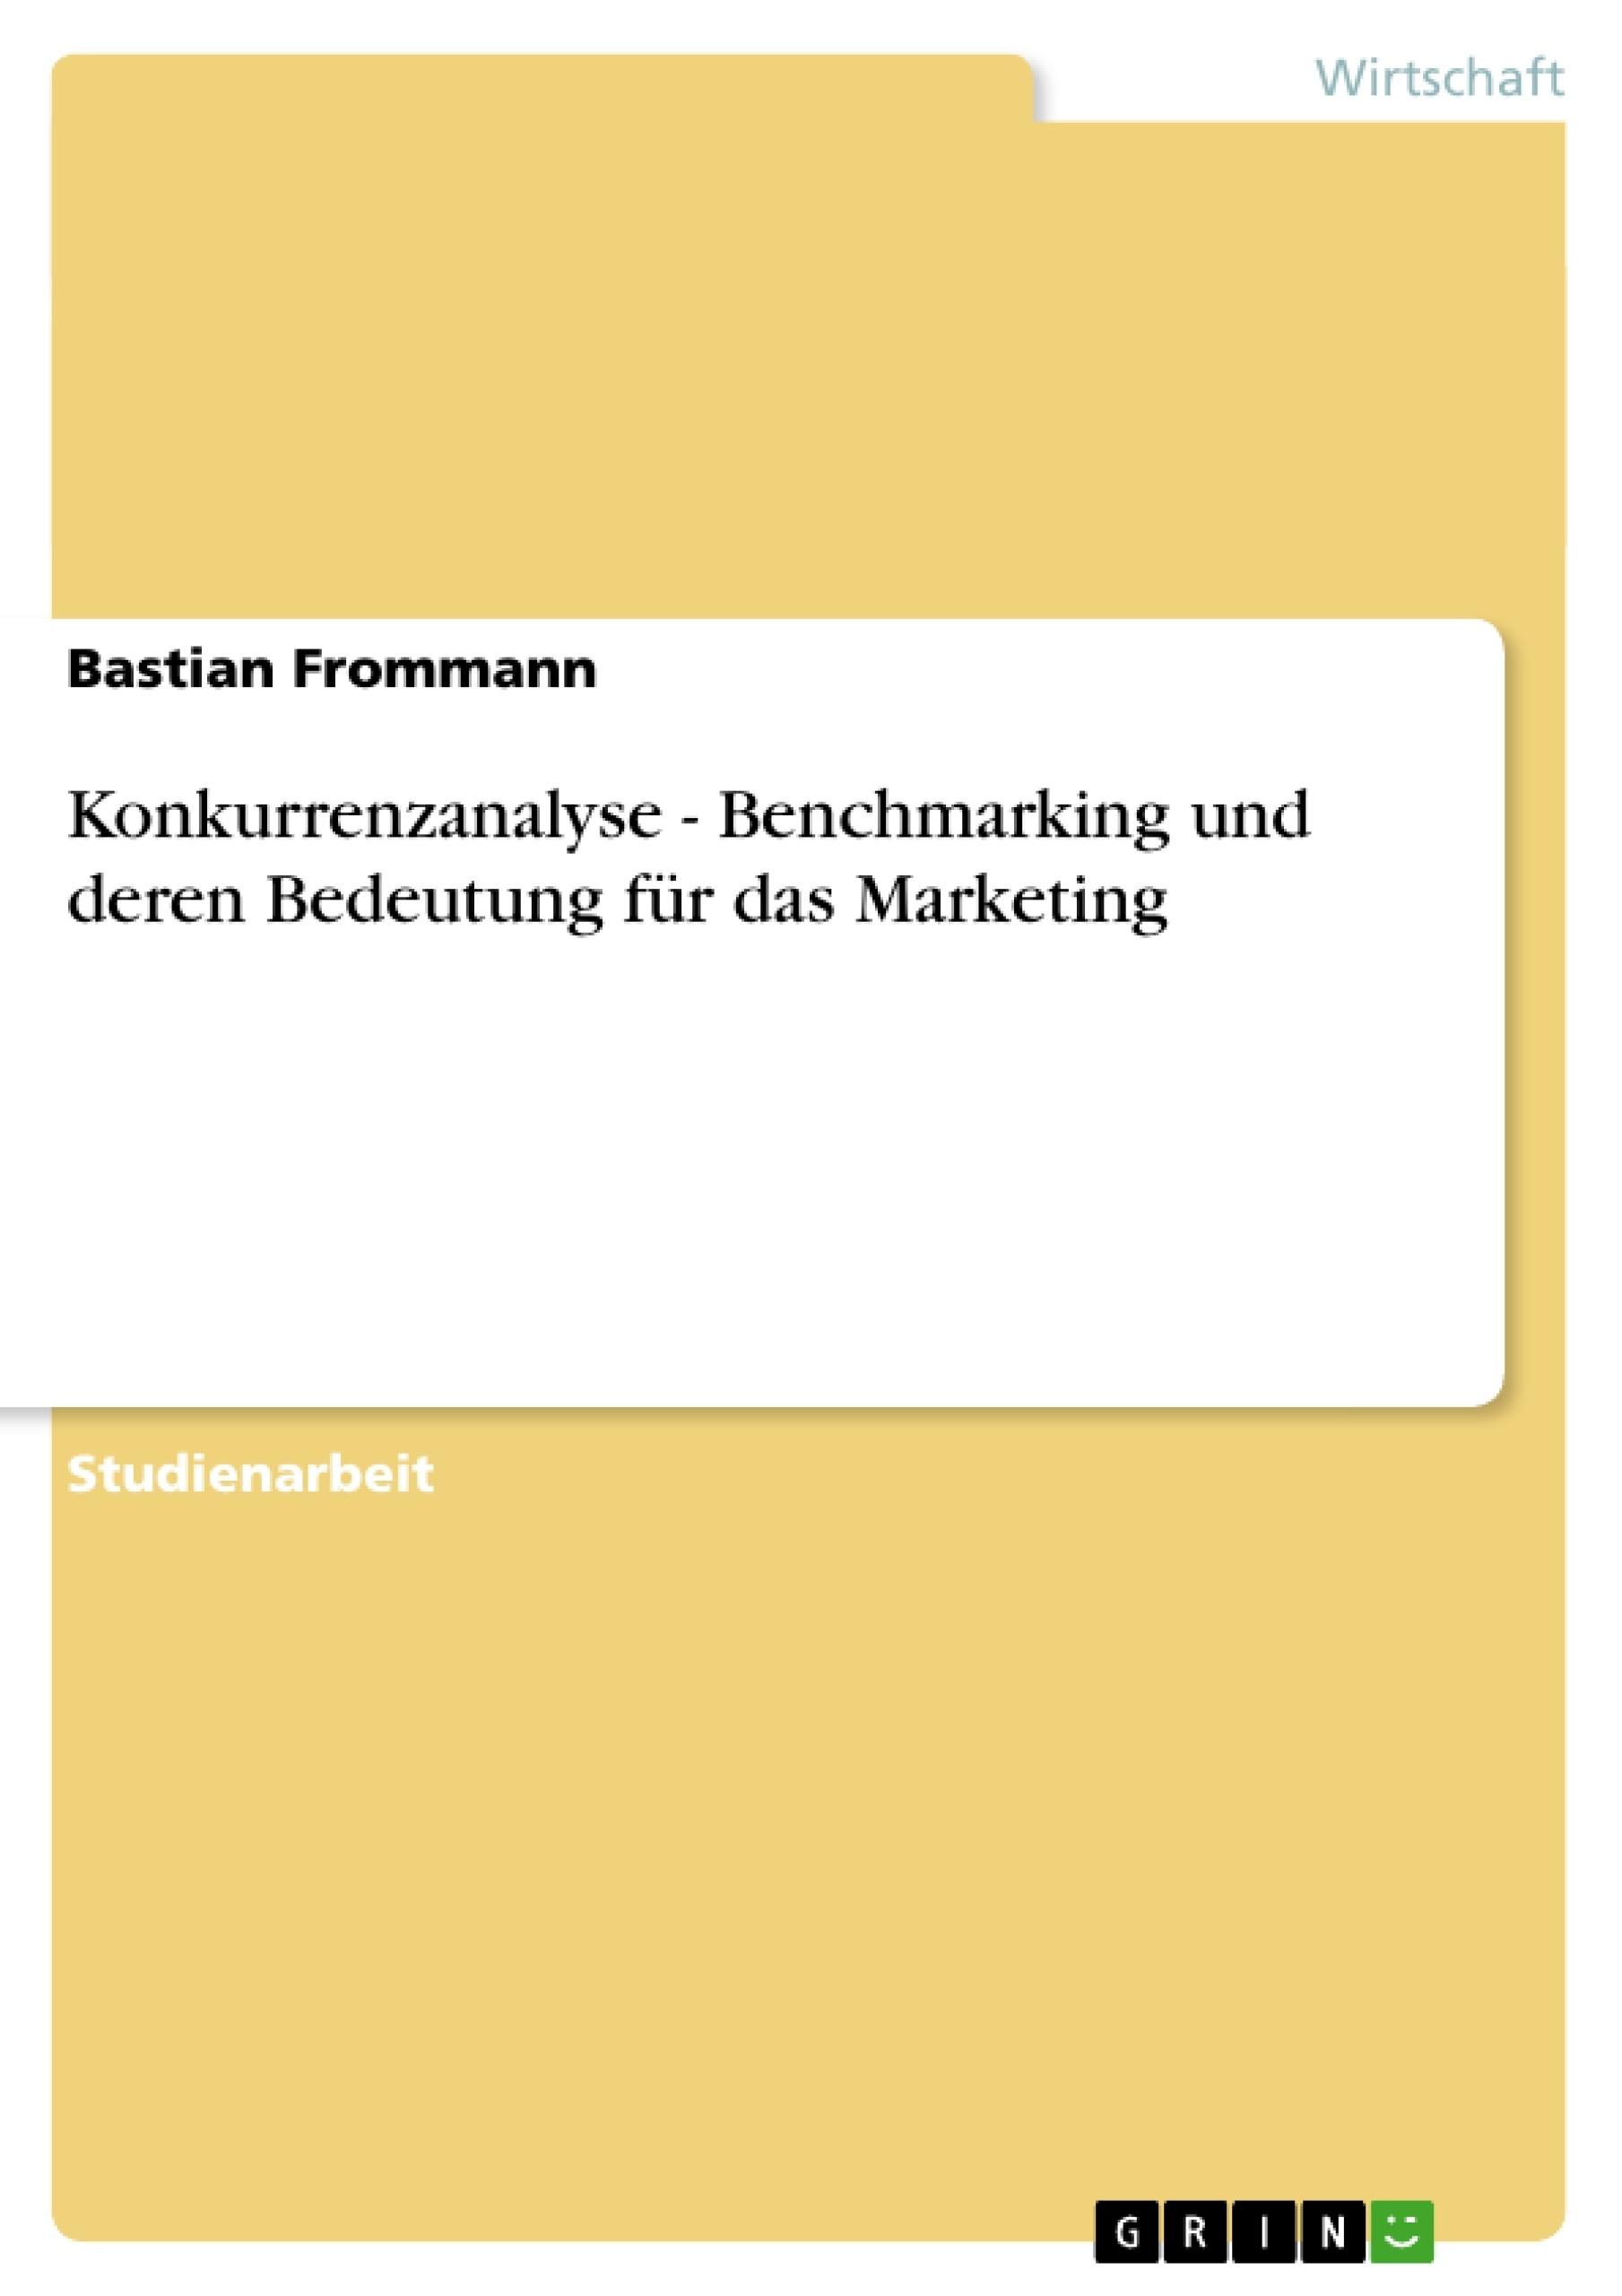 Titel: Konkurrenzanalyse - Benchmarking und deren Bedeutung für das Marketing